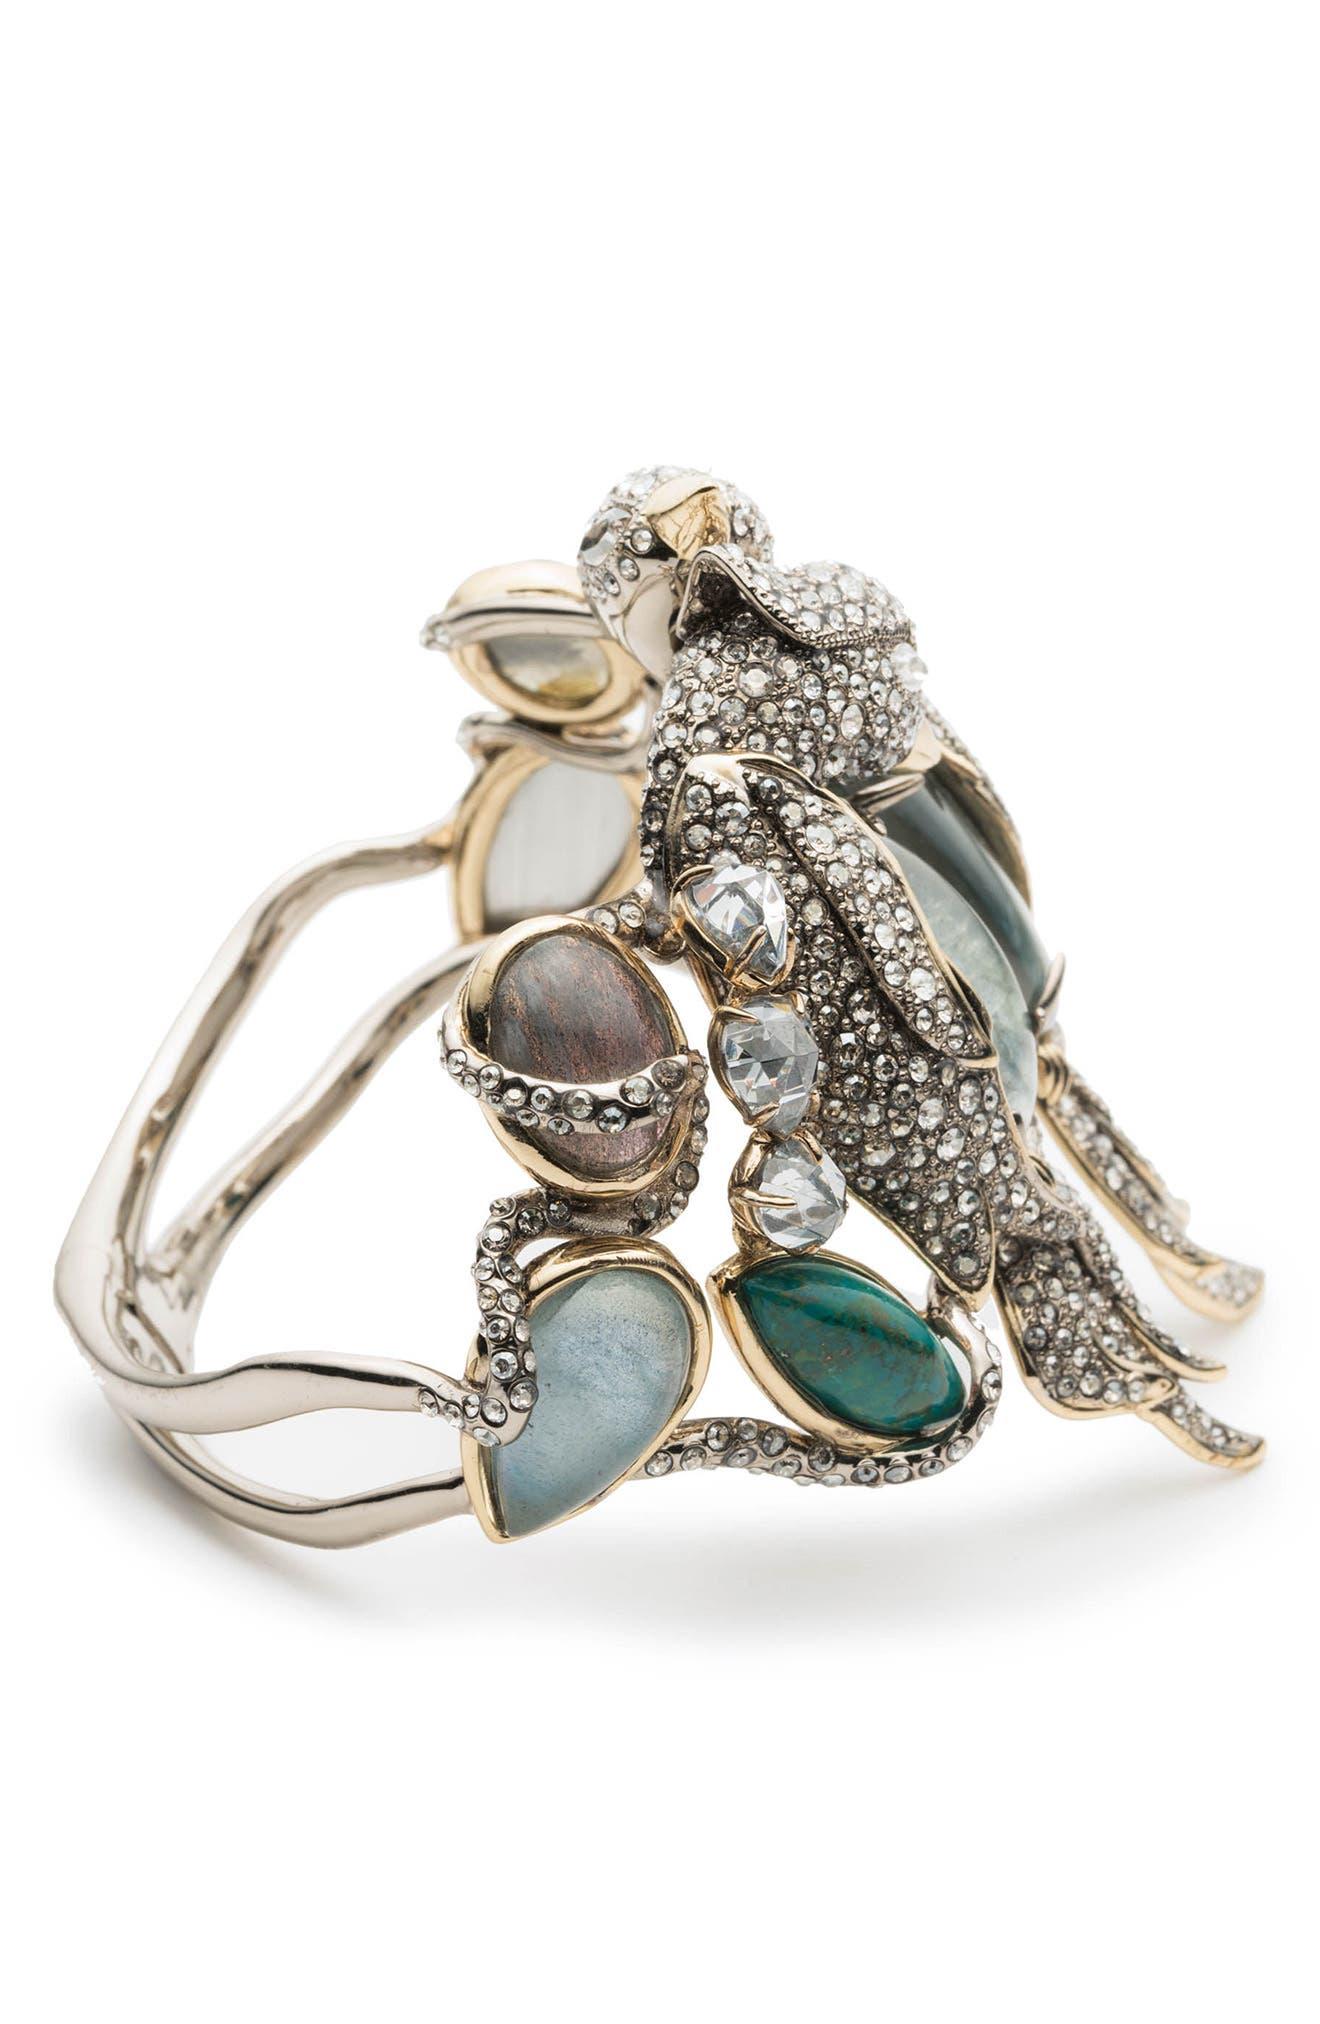 Lovebird Hinge Bracelet,                             Alternate thumbnail 3, color,                             Gold/ Silver